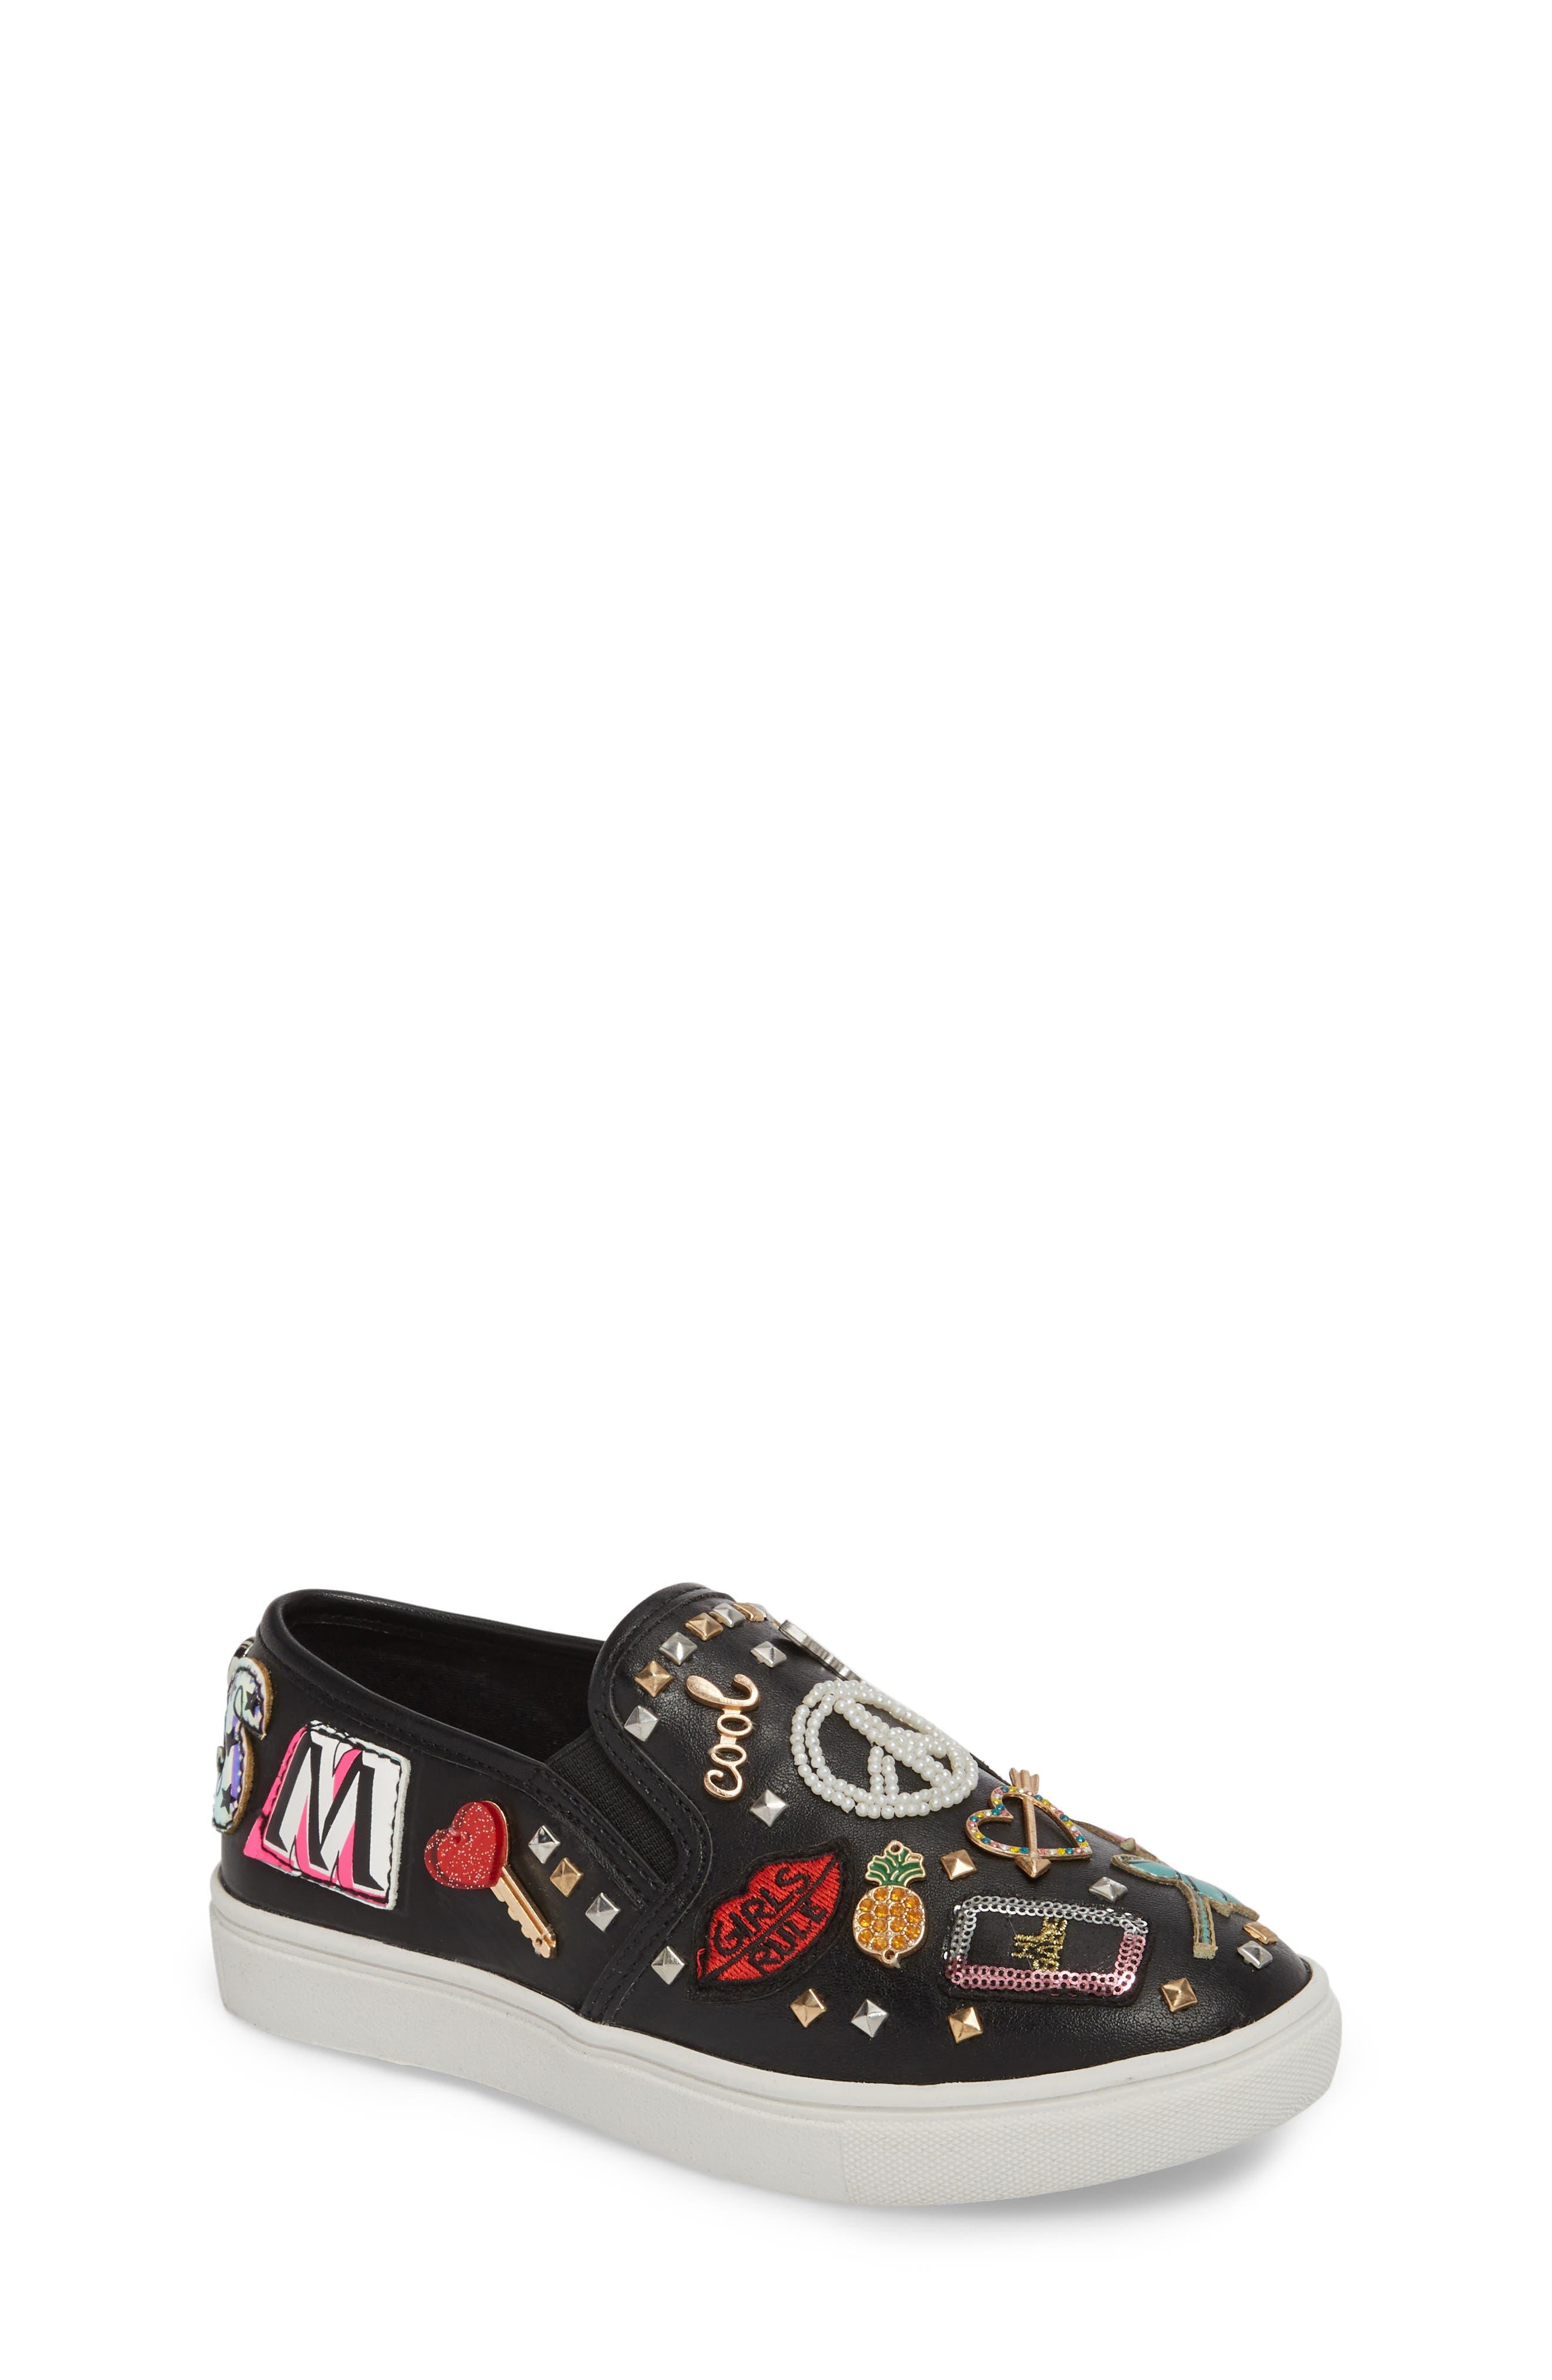 JCraze Embellished Slip-On Sneaker,                         Main,                         color, Black